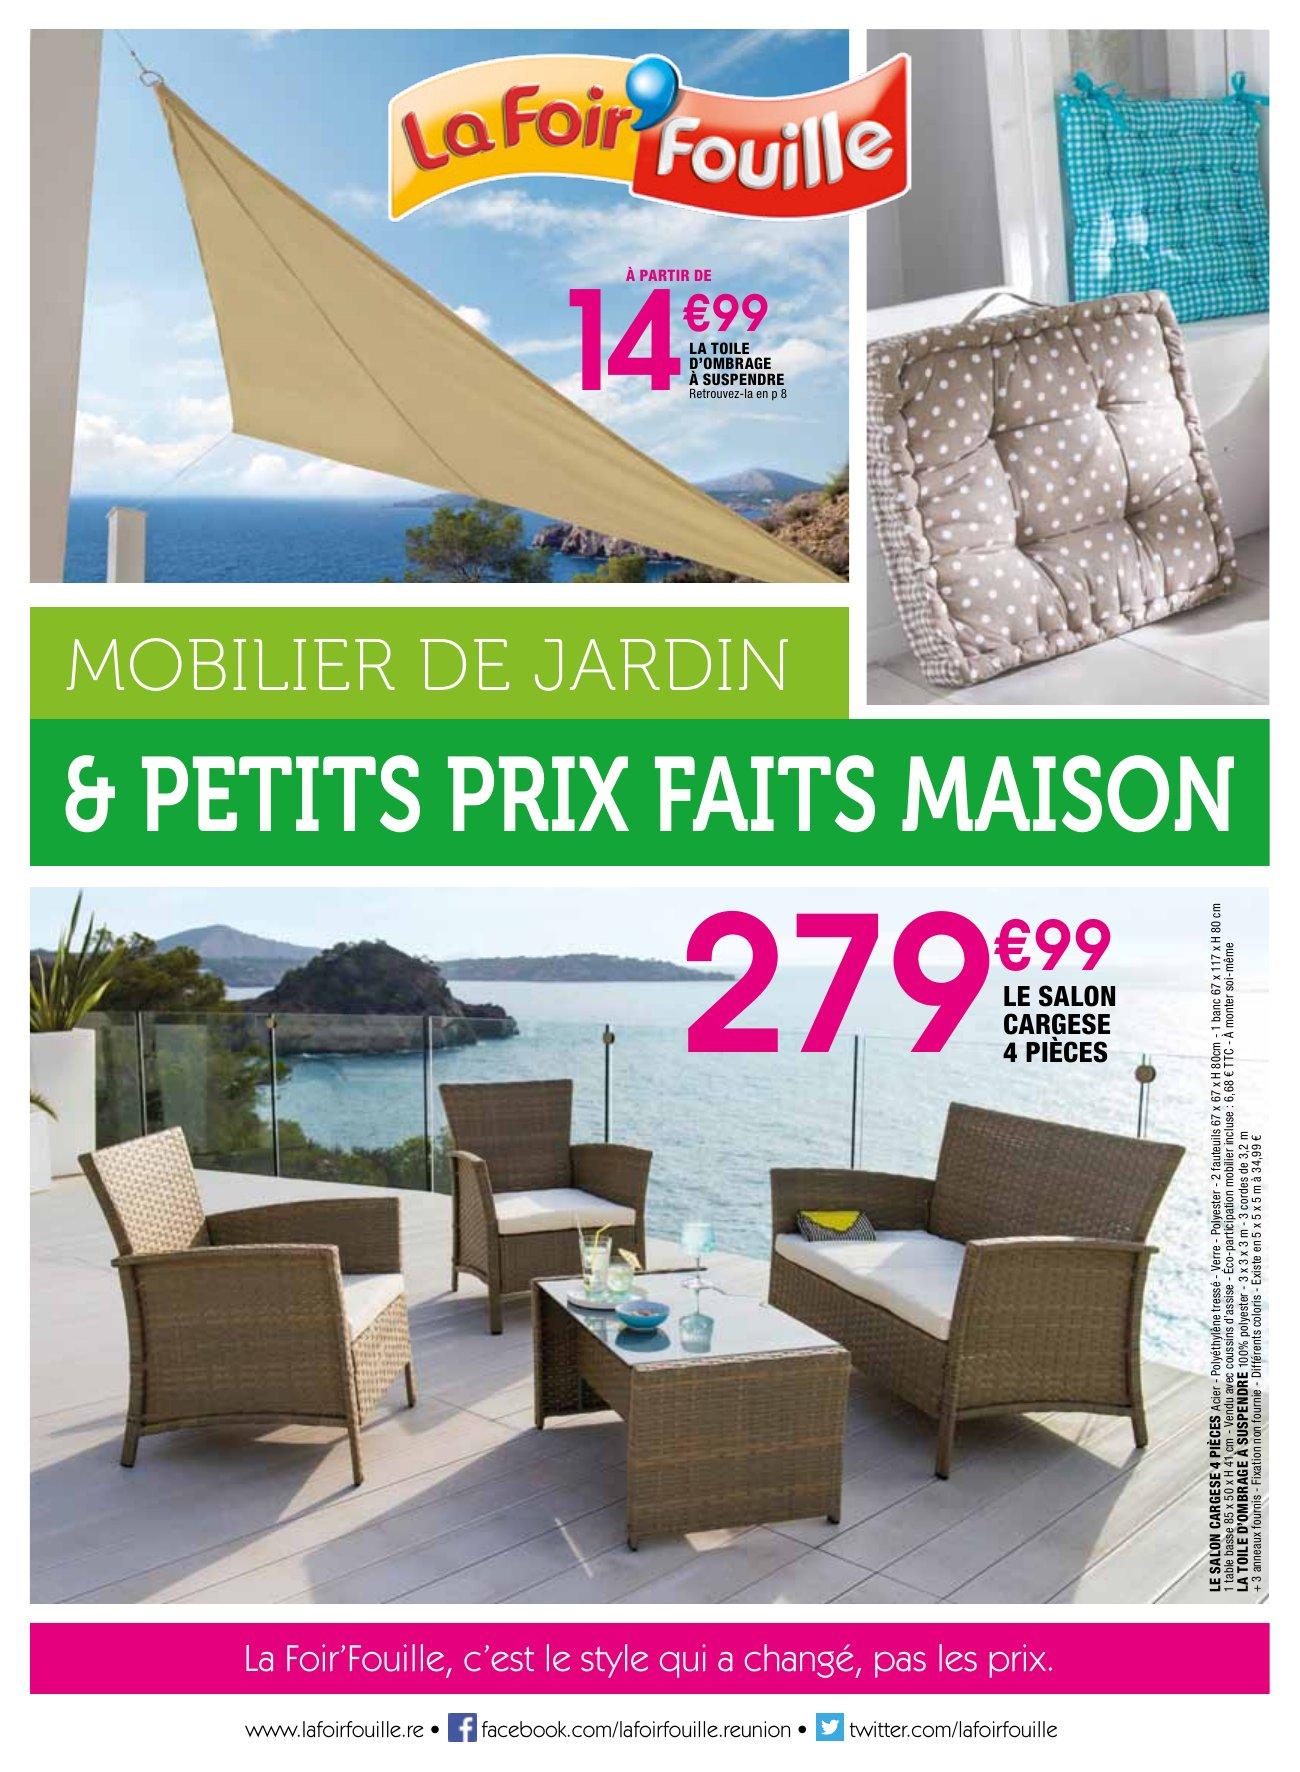 La Foir'fouille : Mobilier De Jardin & Petits Prix Faits Maison concernant Foir Fouille Salon De Jardin